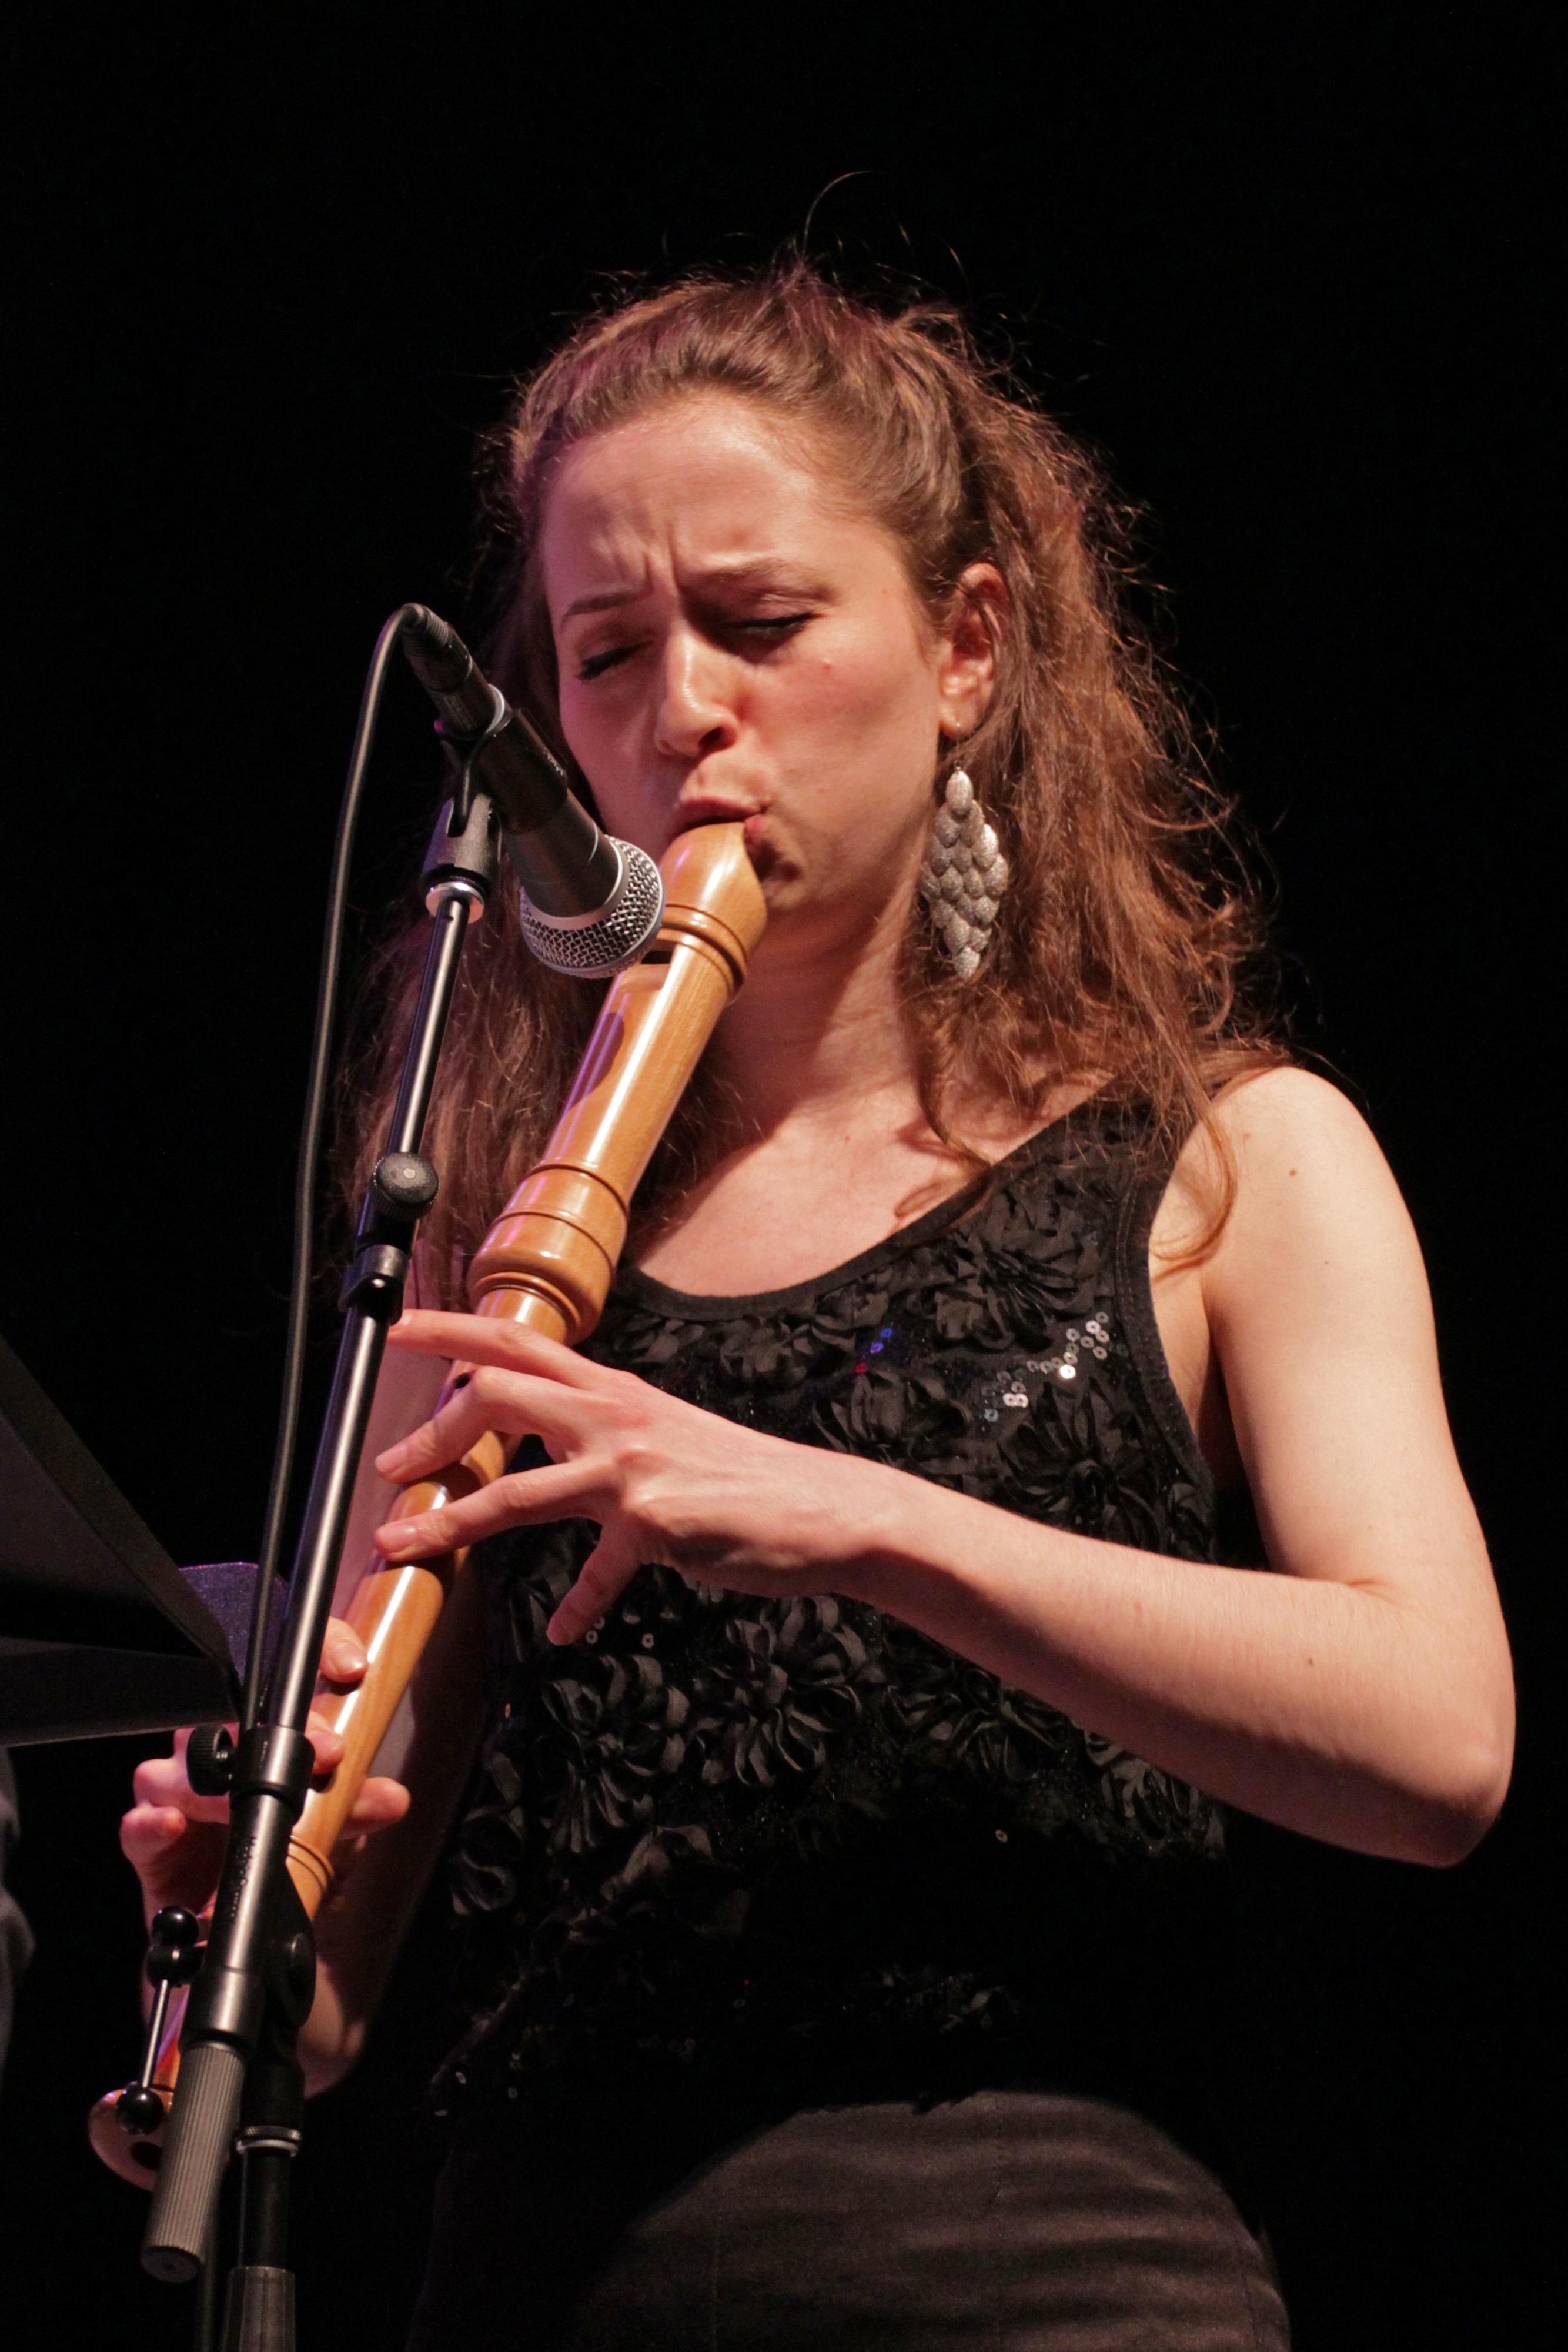 Tali rubinstein at tri-c jazzfest cleveland 2013